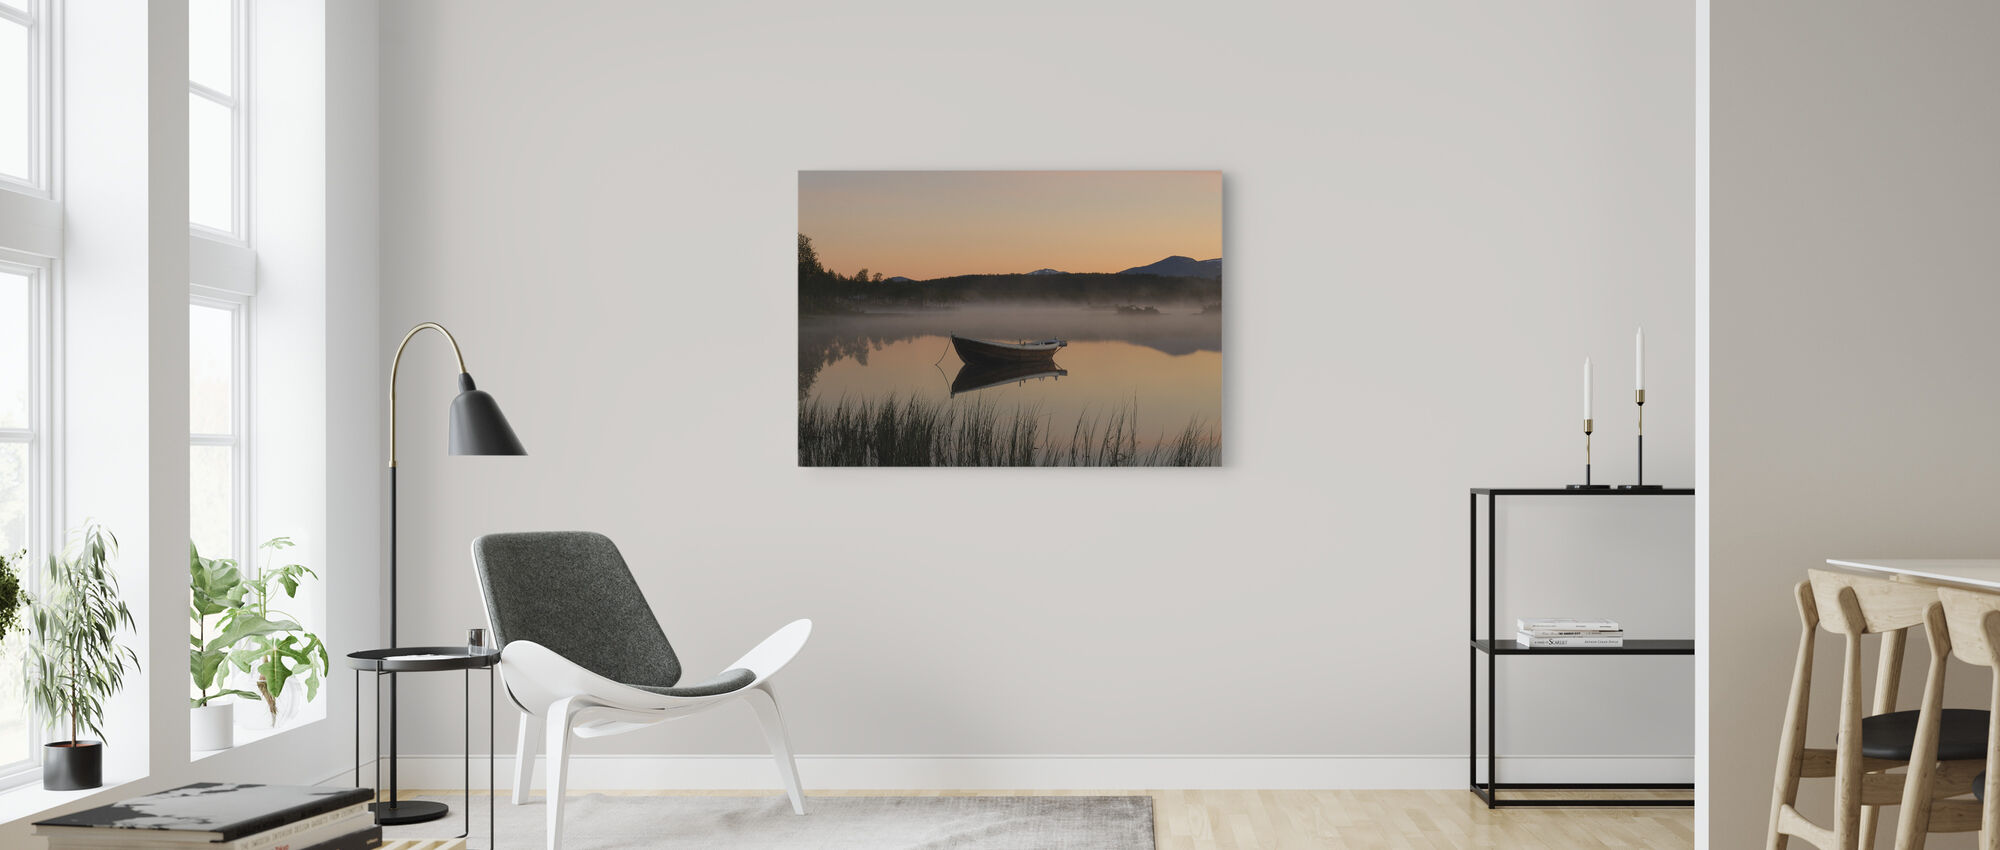 Fredlig kväll vid sjön, Senja Norge - Canvastavla - Vardagsrum